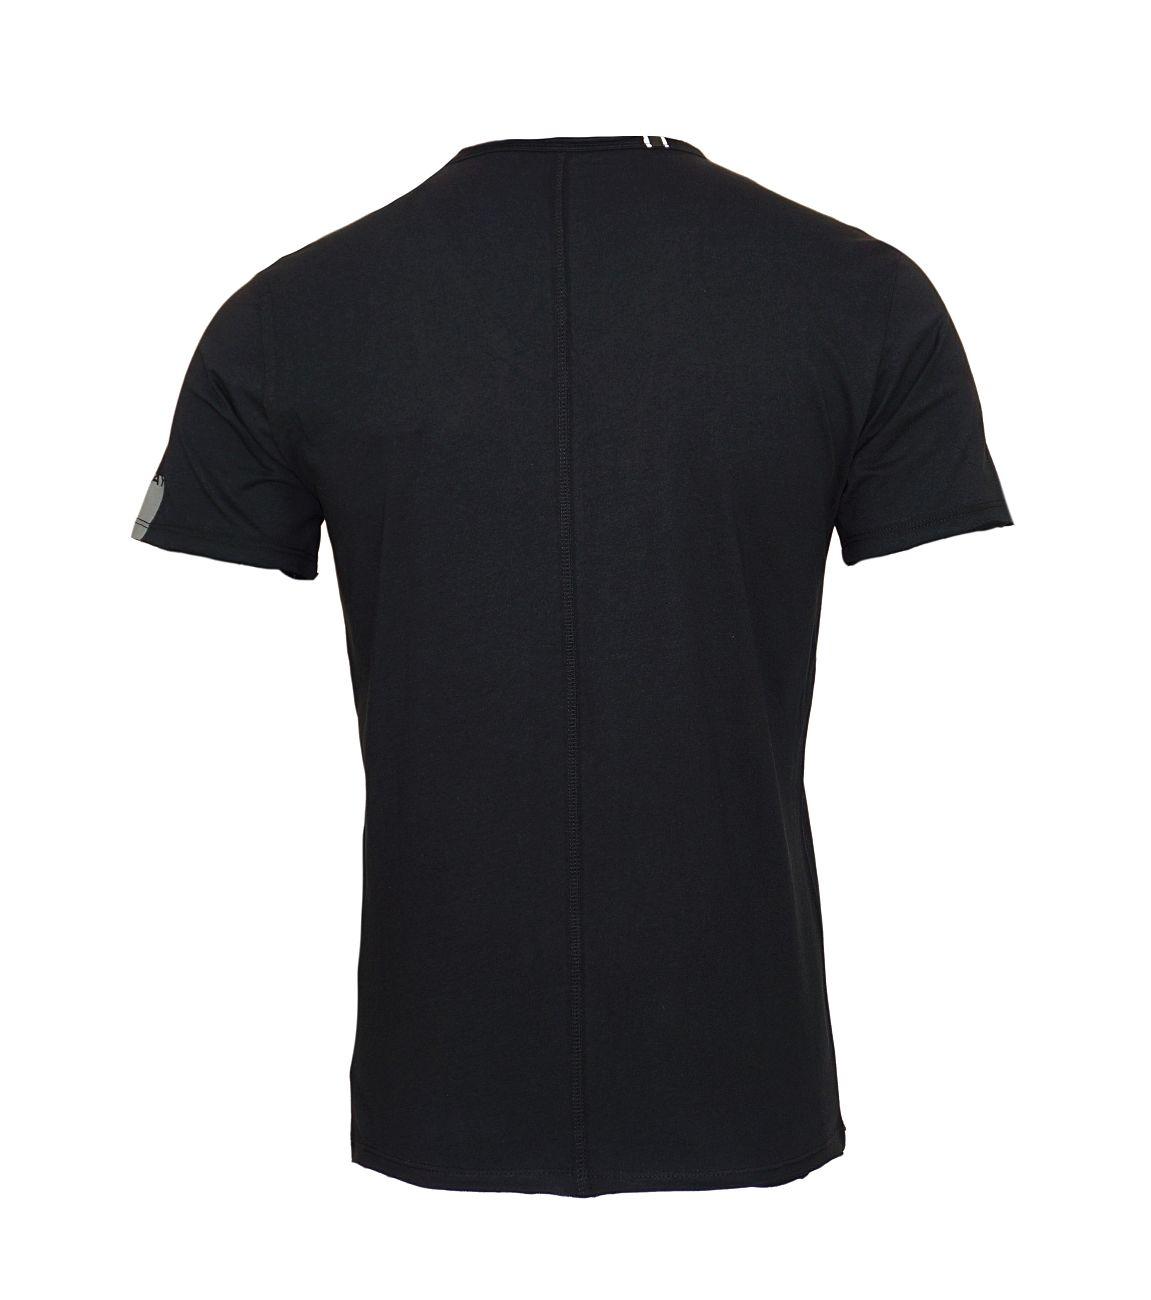 Replay T-Shirt Shirt V-Ausschnitt M3591.000 2660.098 black S18-RPT4